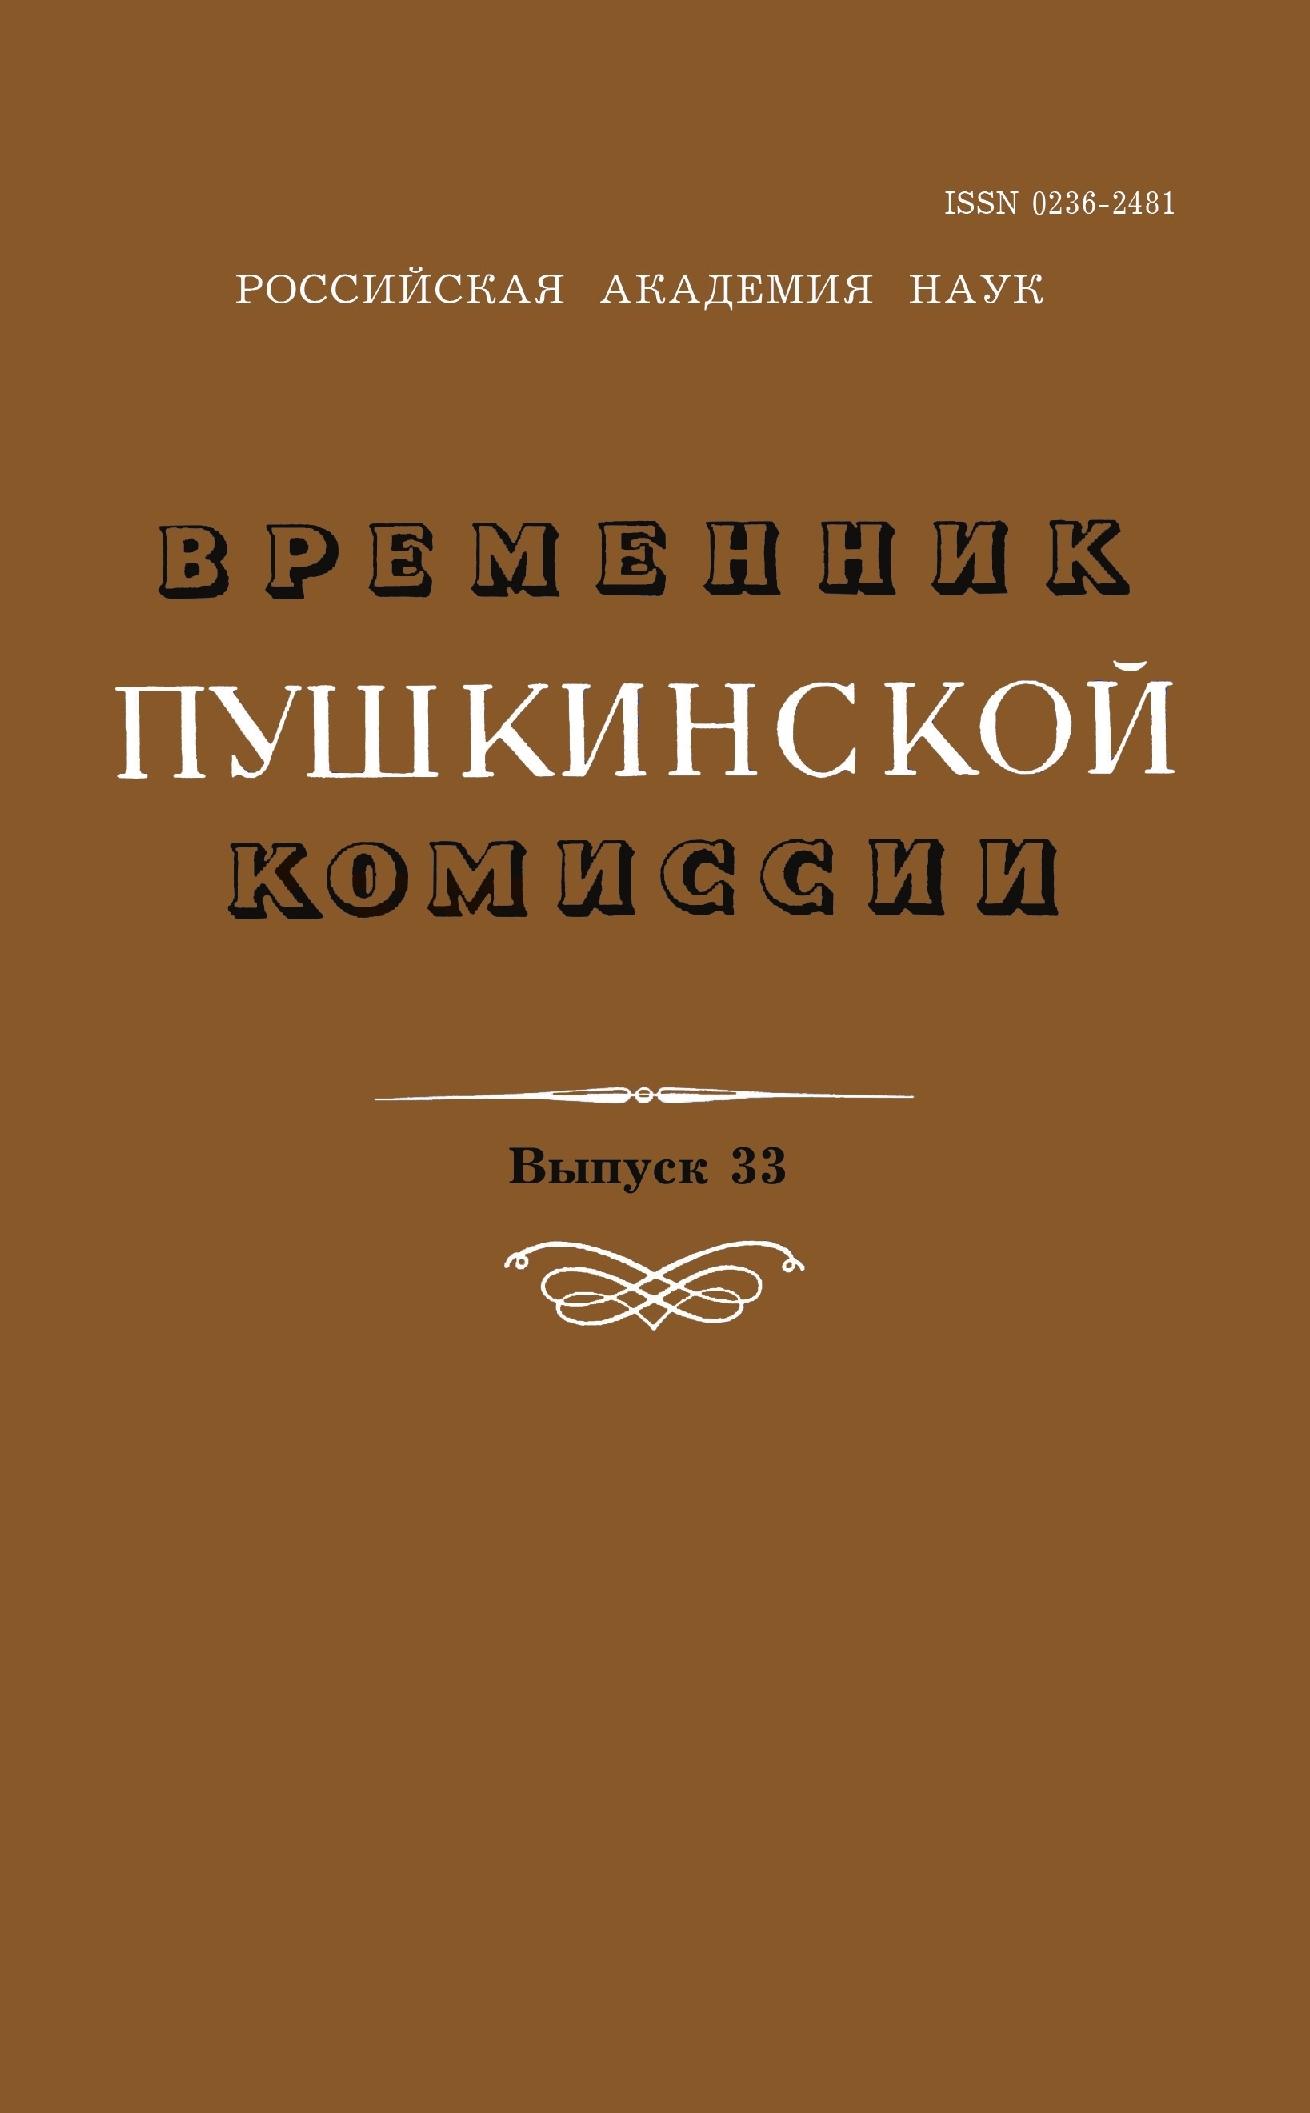 Памяти Сергея Георгиевича Бочарова